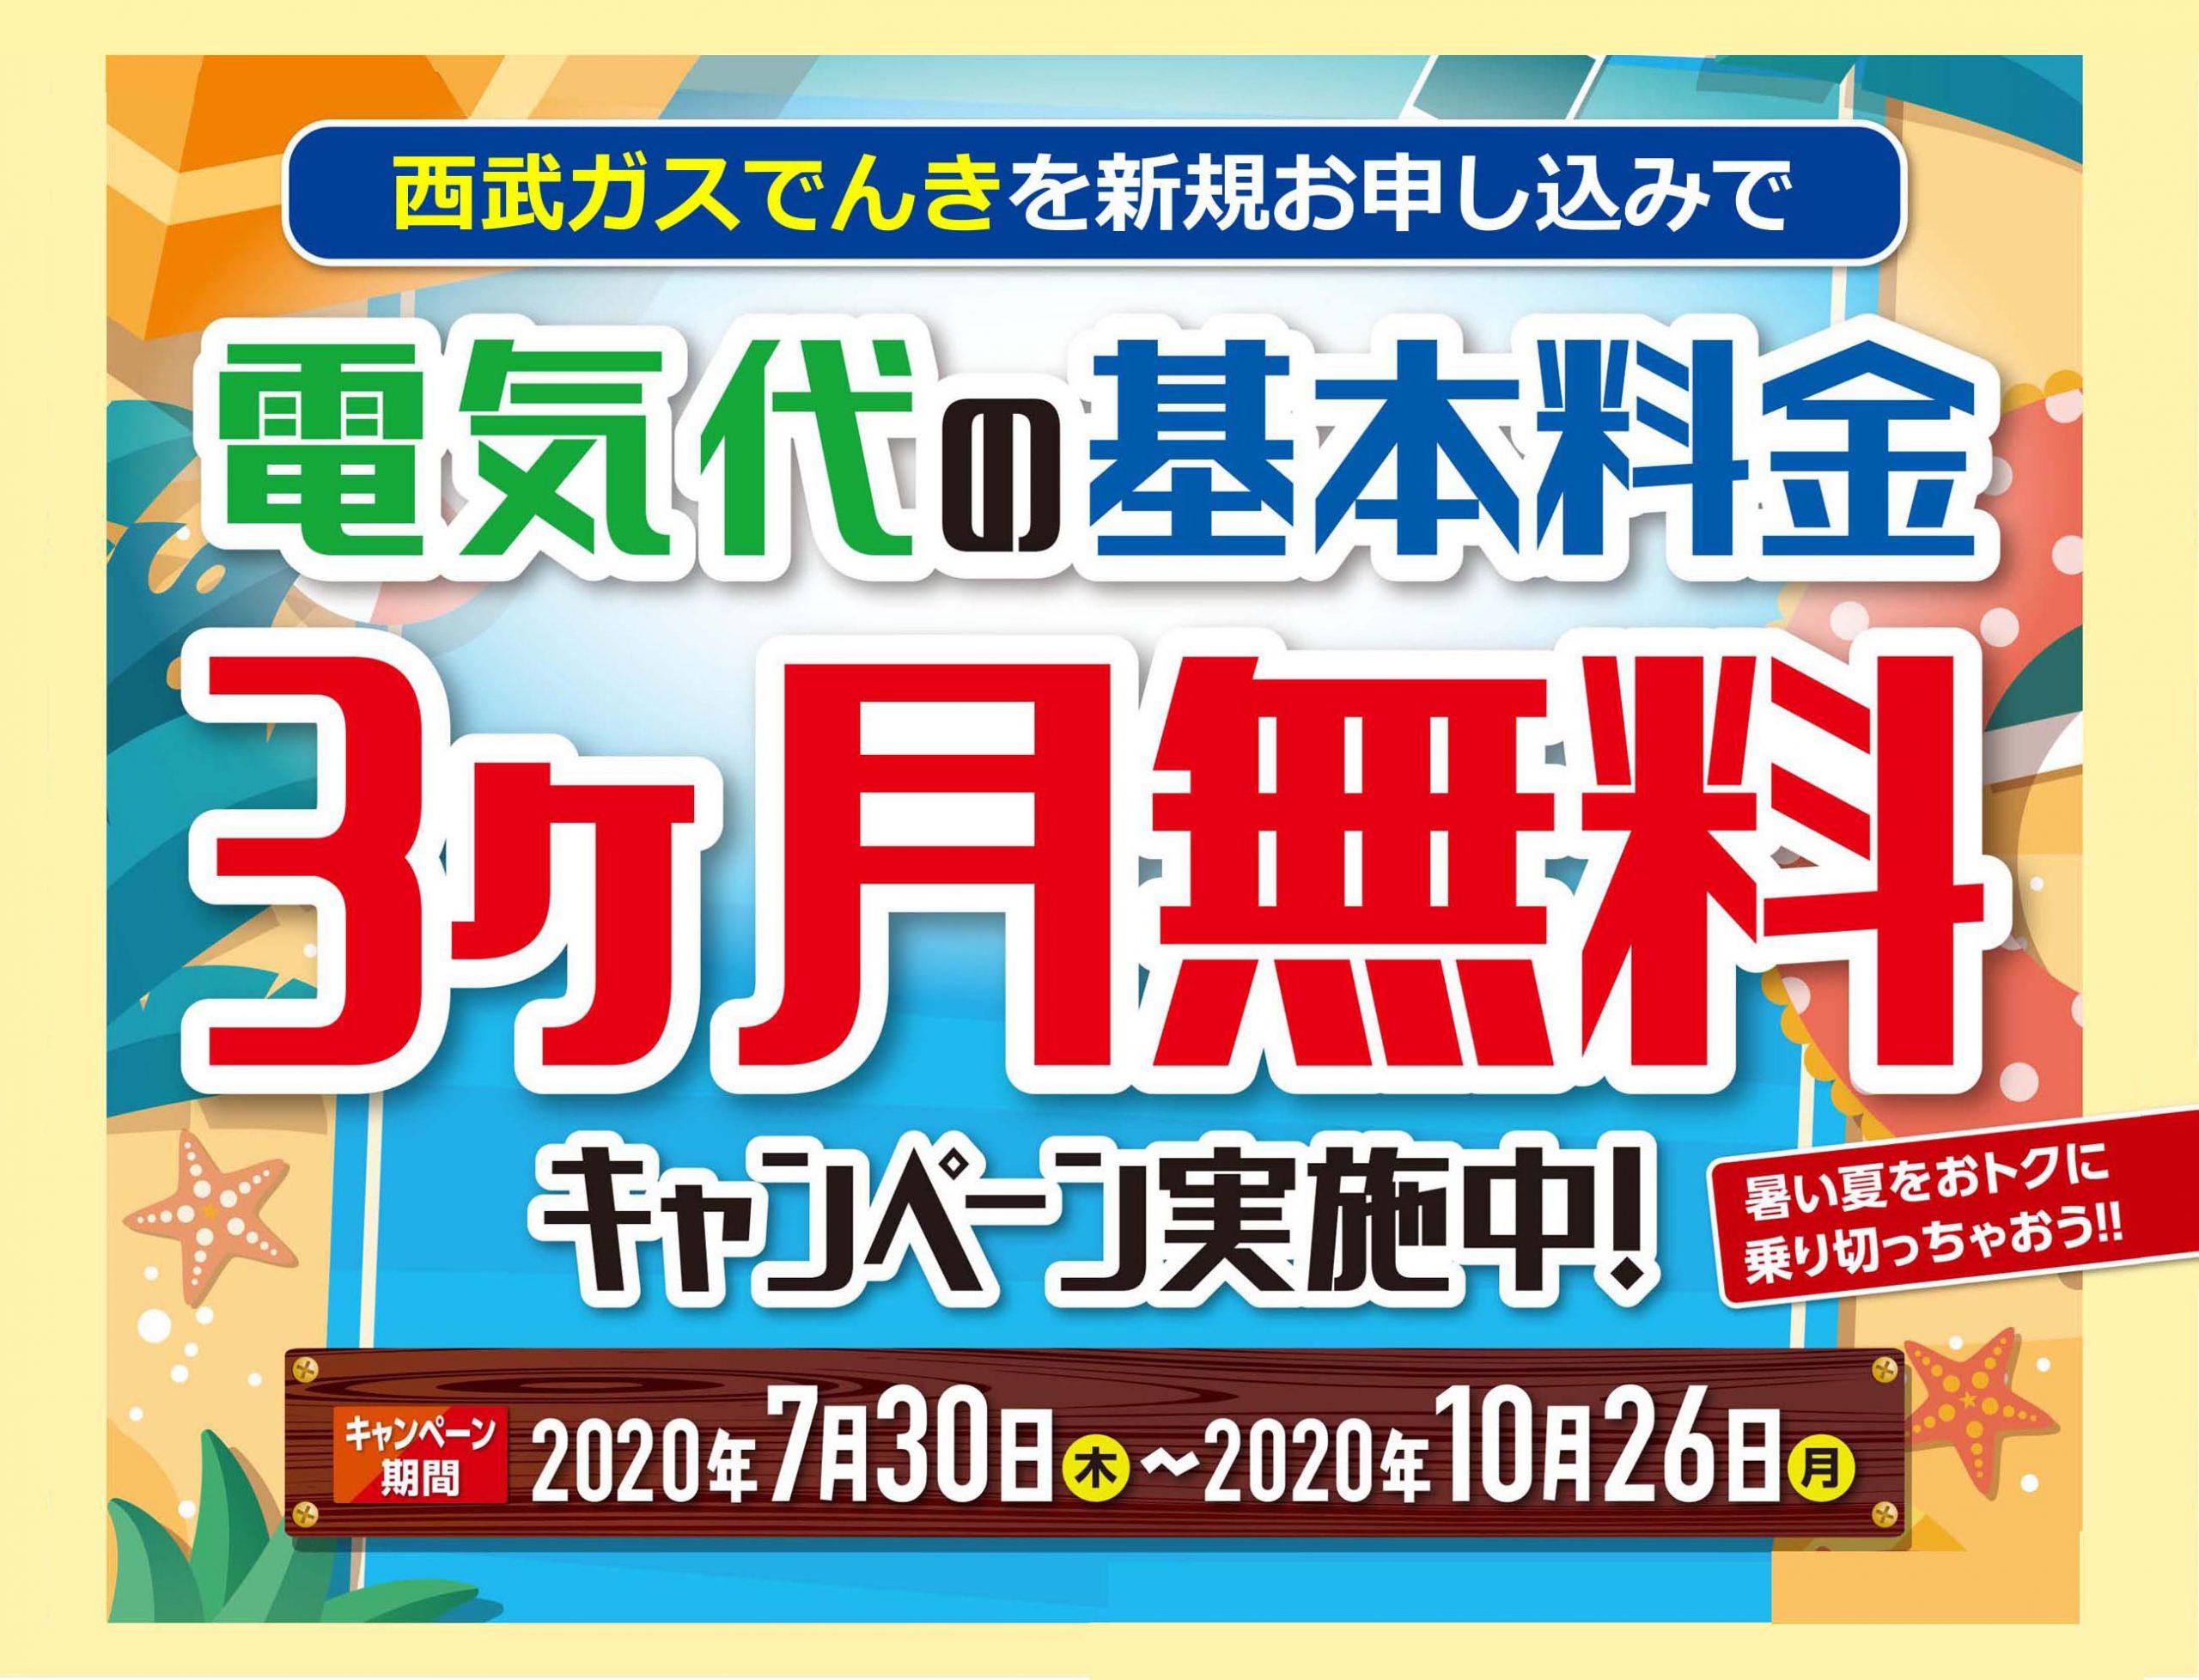 西武ガス電気2020夏キャンペーン